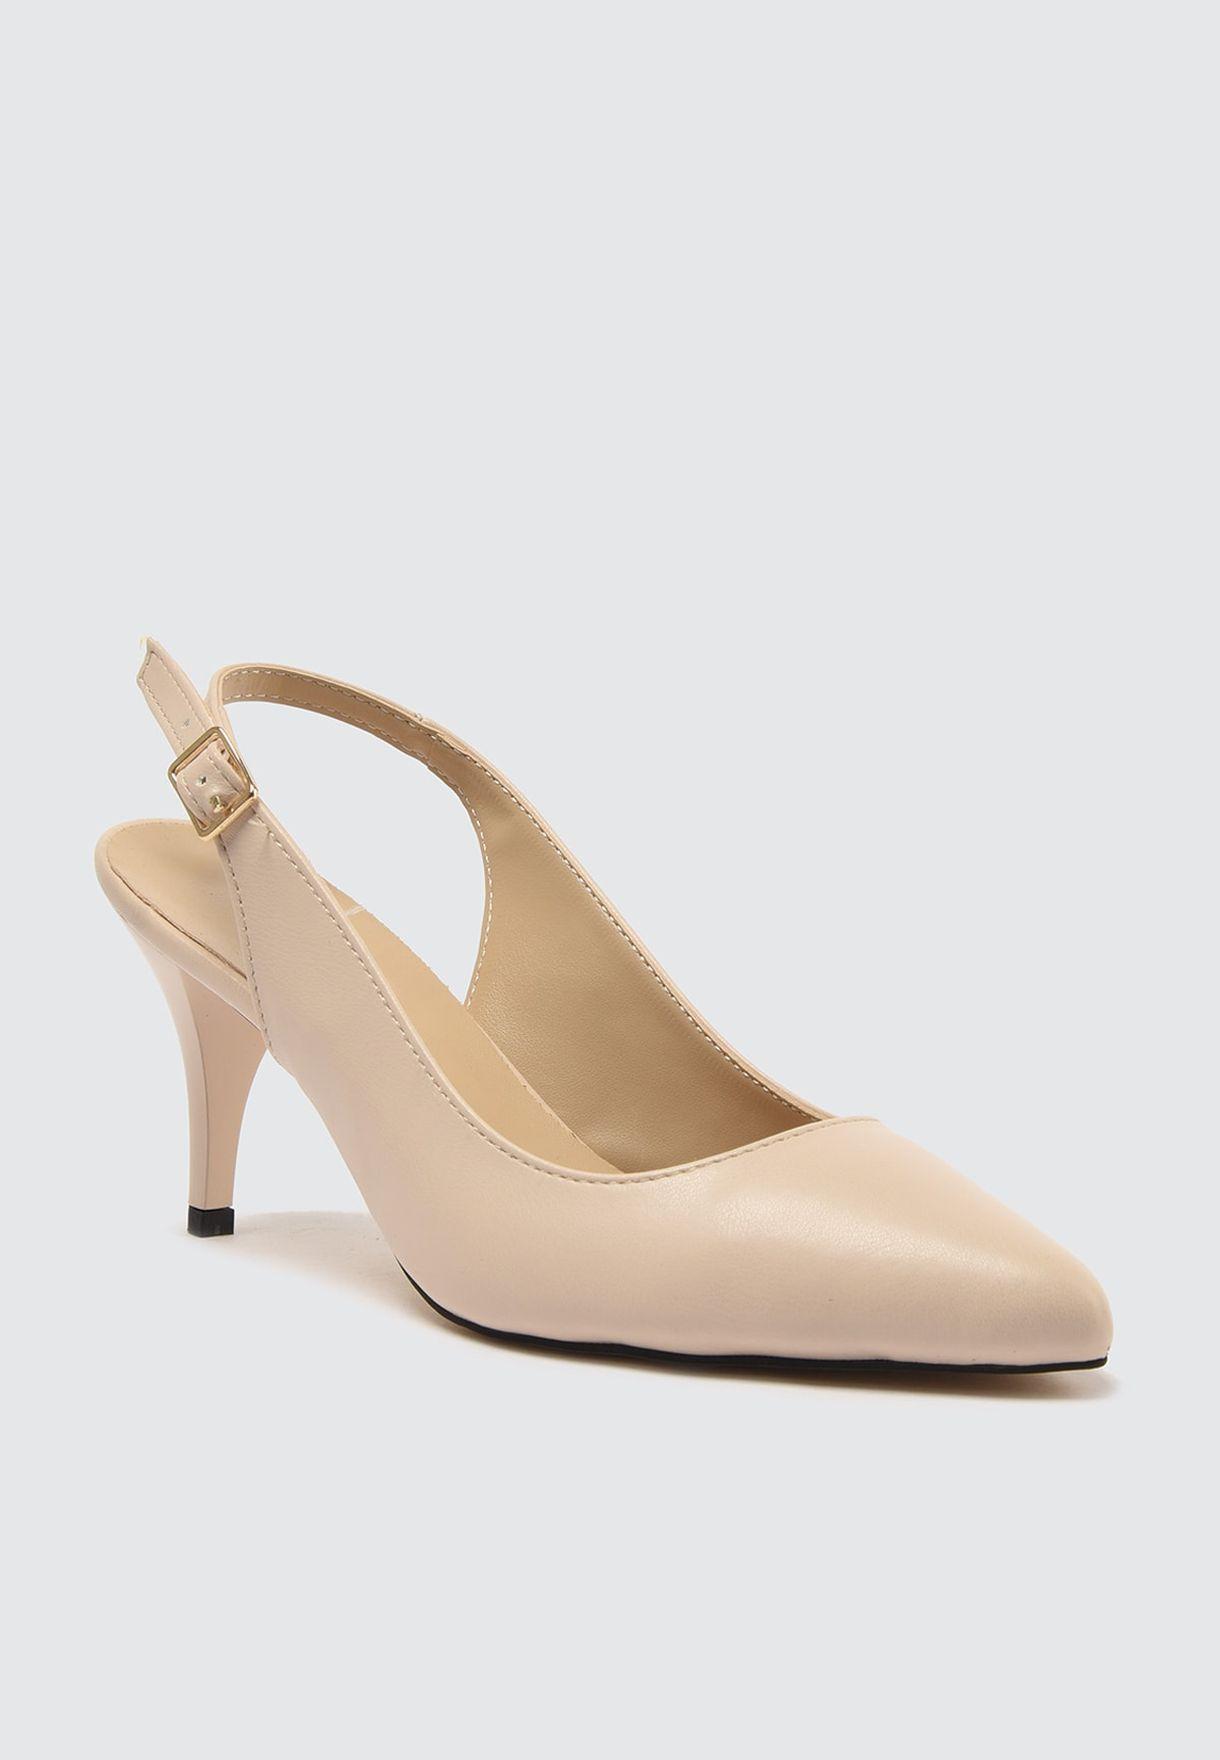 حذاء كلاسيكي بكعب عالي